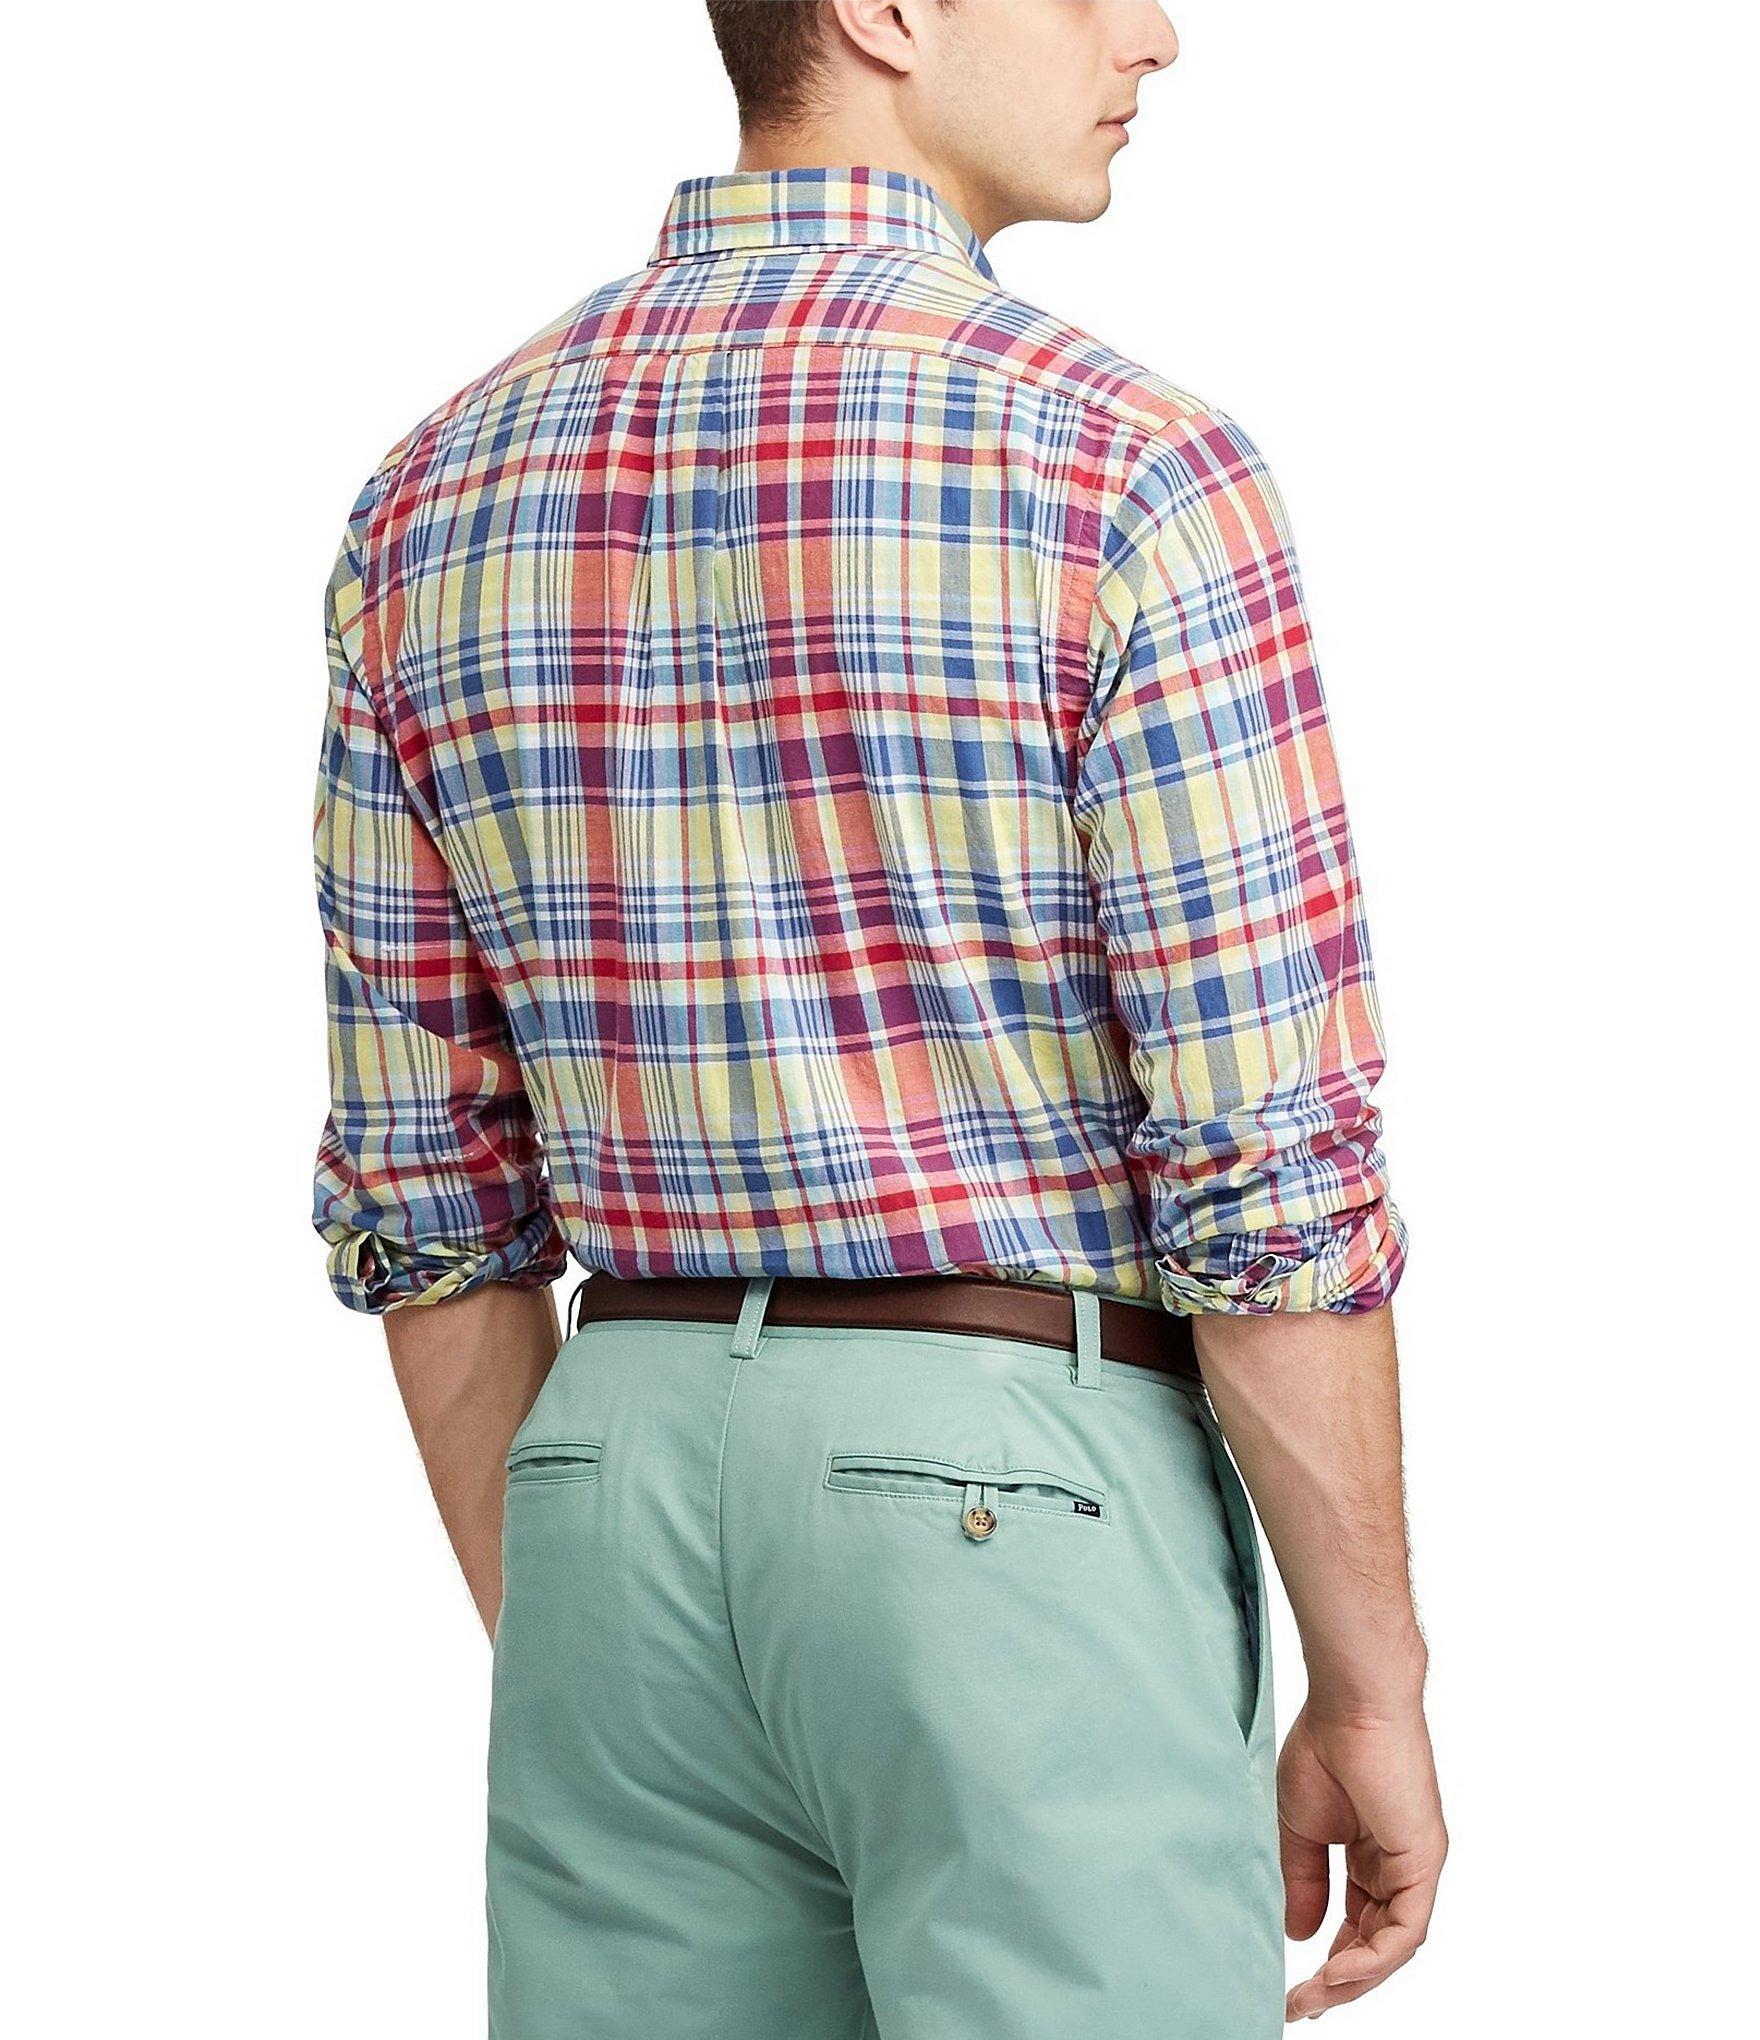 d6a89938 Polo Ralph Lauren - Blue Big & Tall Madras Plaid Long-sleeve Woven Shirt  for. View fullscreen